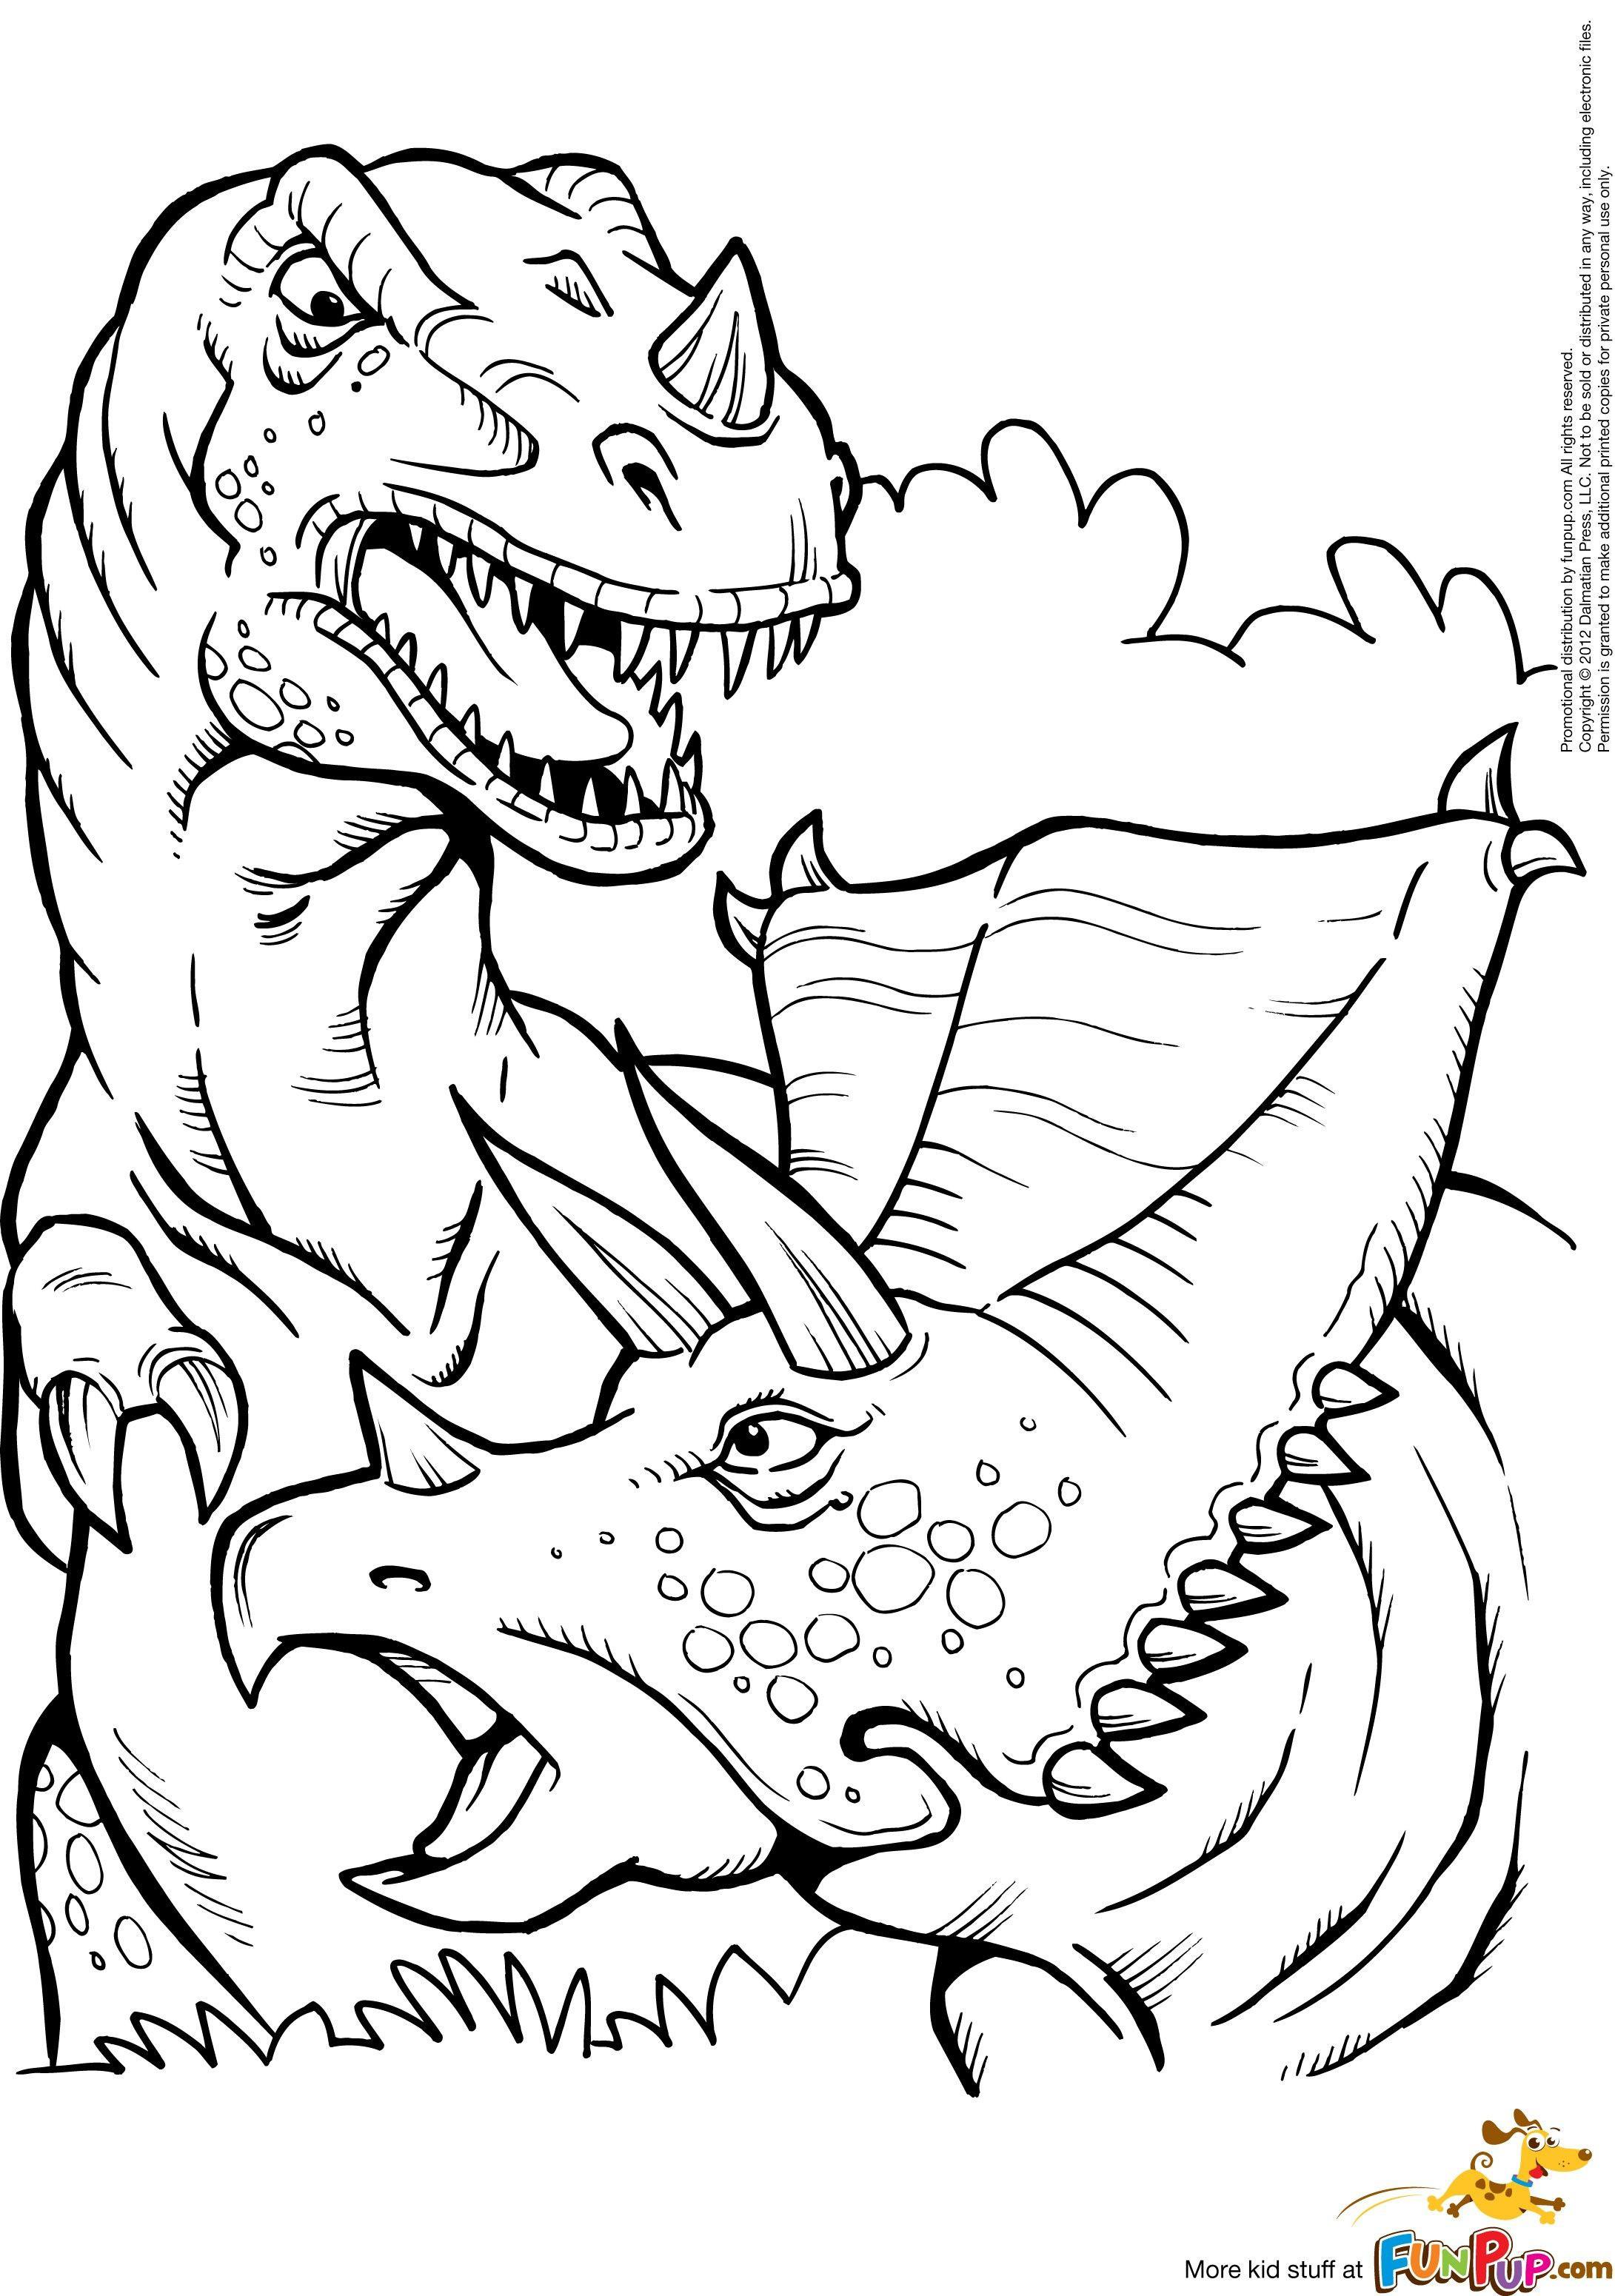 T Rex Ausmalbild Inspirierend 35 T Rex Ausmalbilder Scoredatscore Einzigartig Dinosaurier Rex Bild